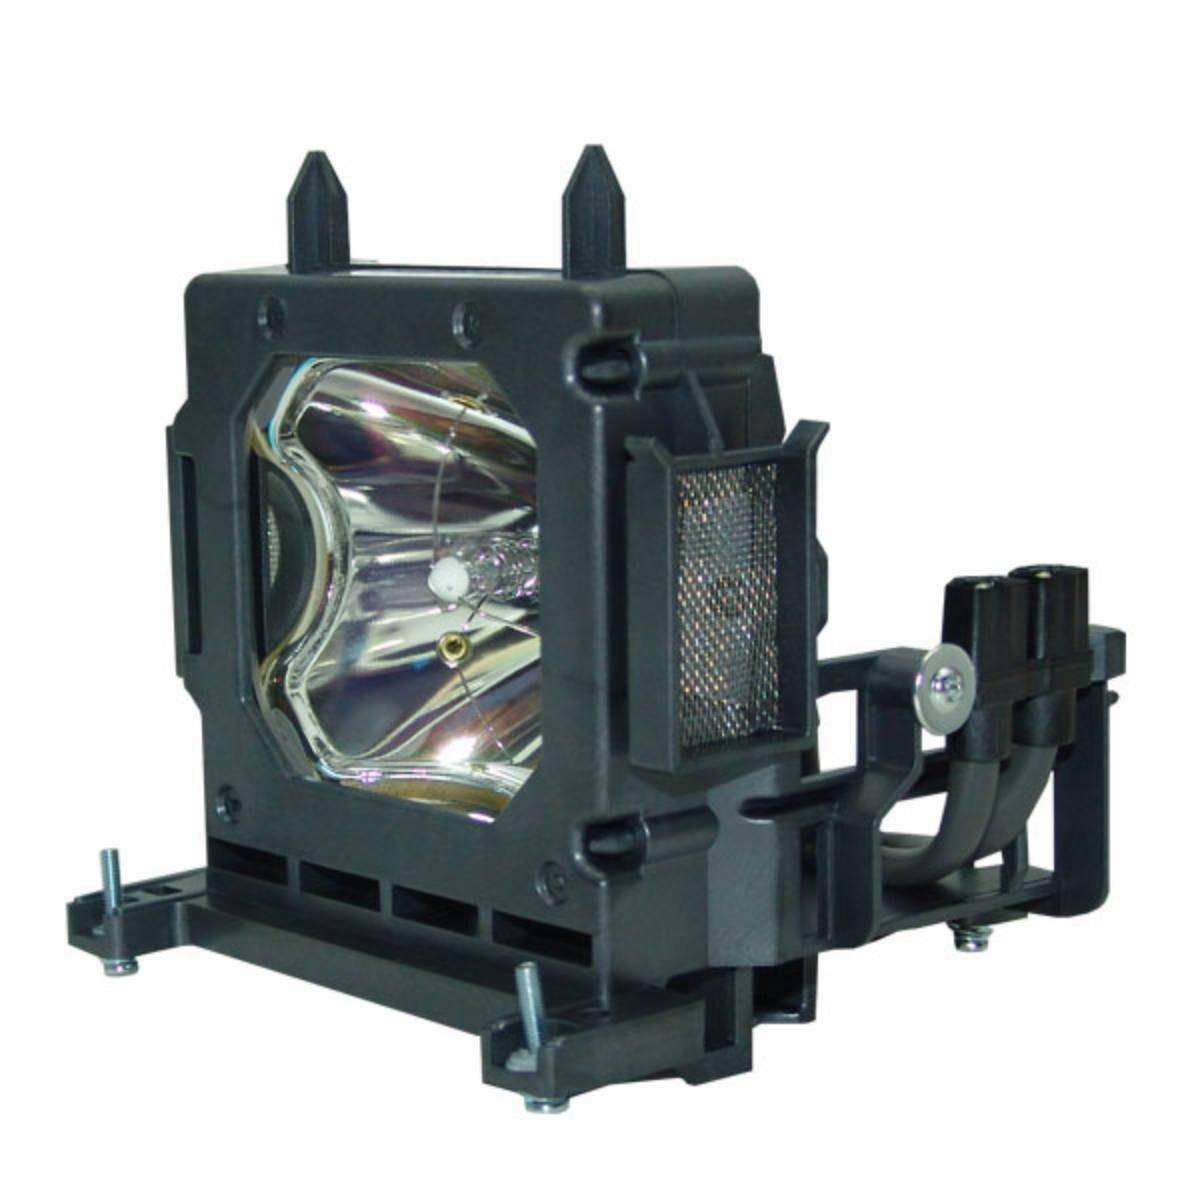 交換用プロジェクターランプ ソニー LMP-H201   B00PB4R1GG